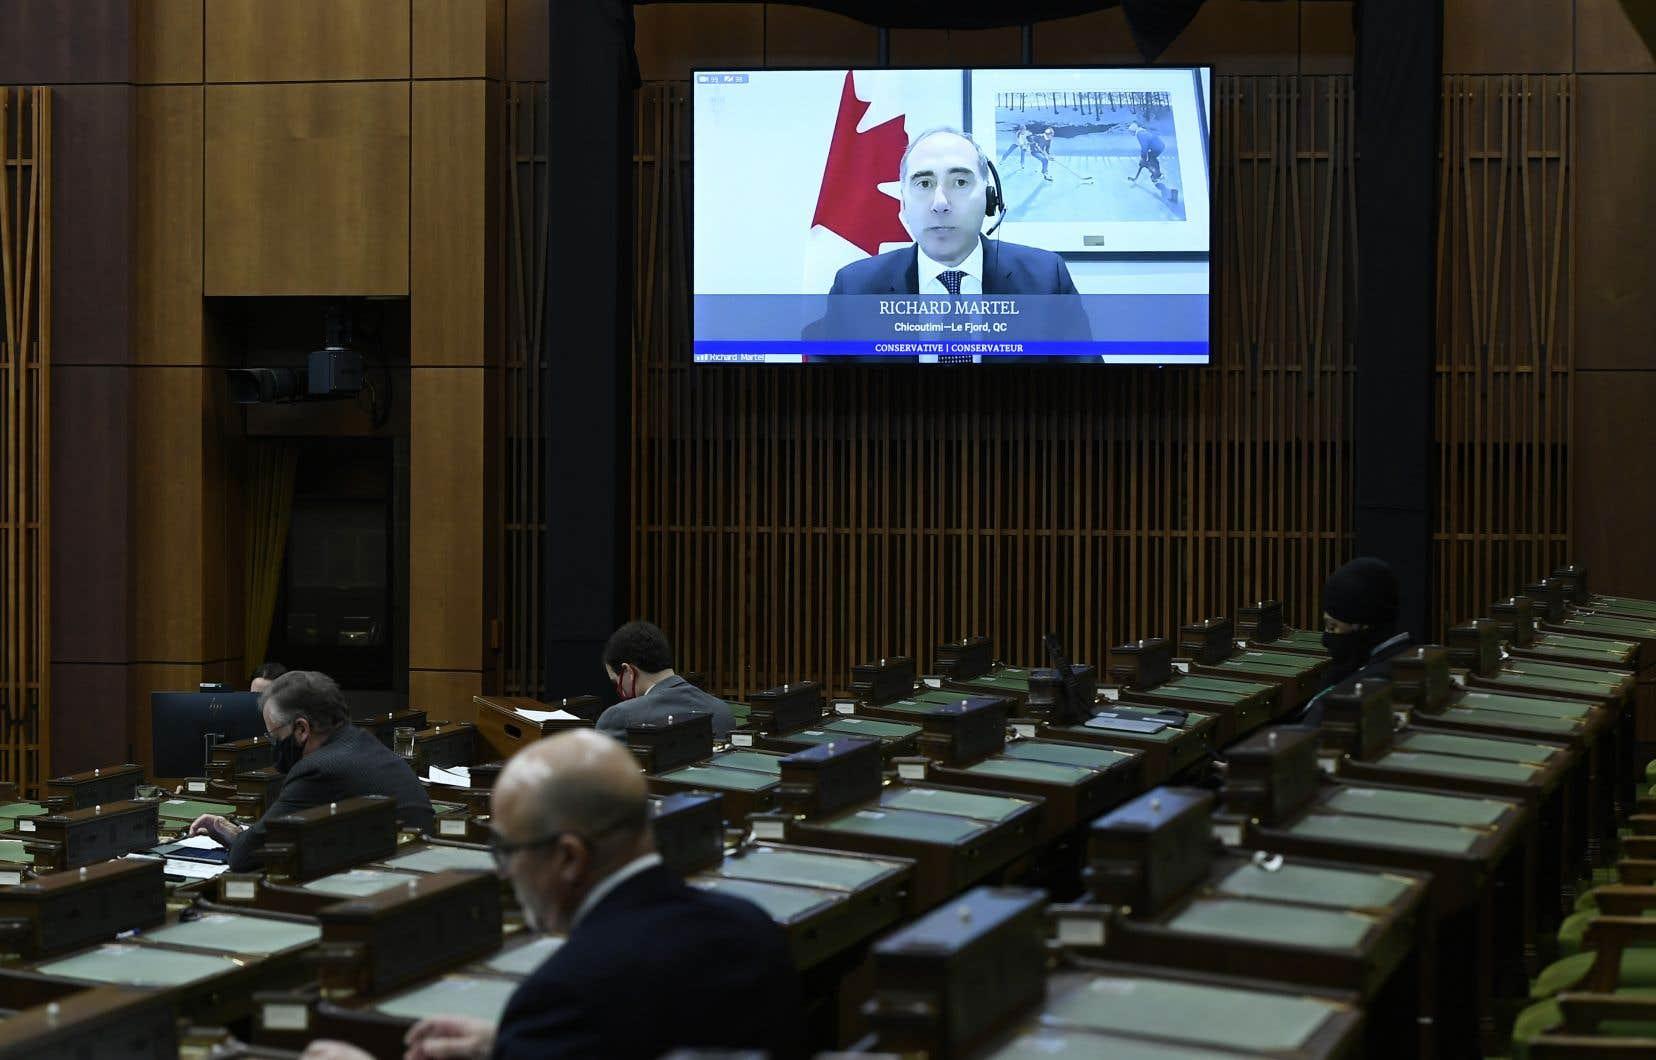 Les mesures mises en place au Parlement en raison de la pandémie entraînent des économies pour le fédéral.